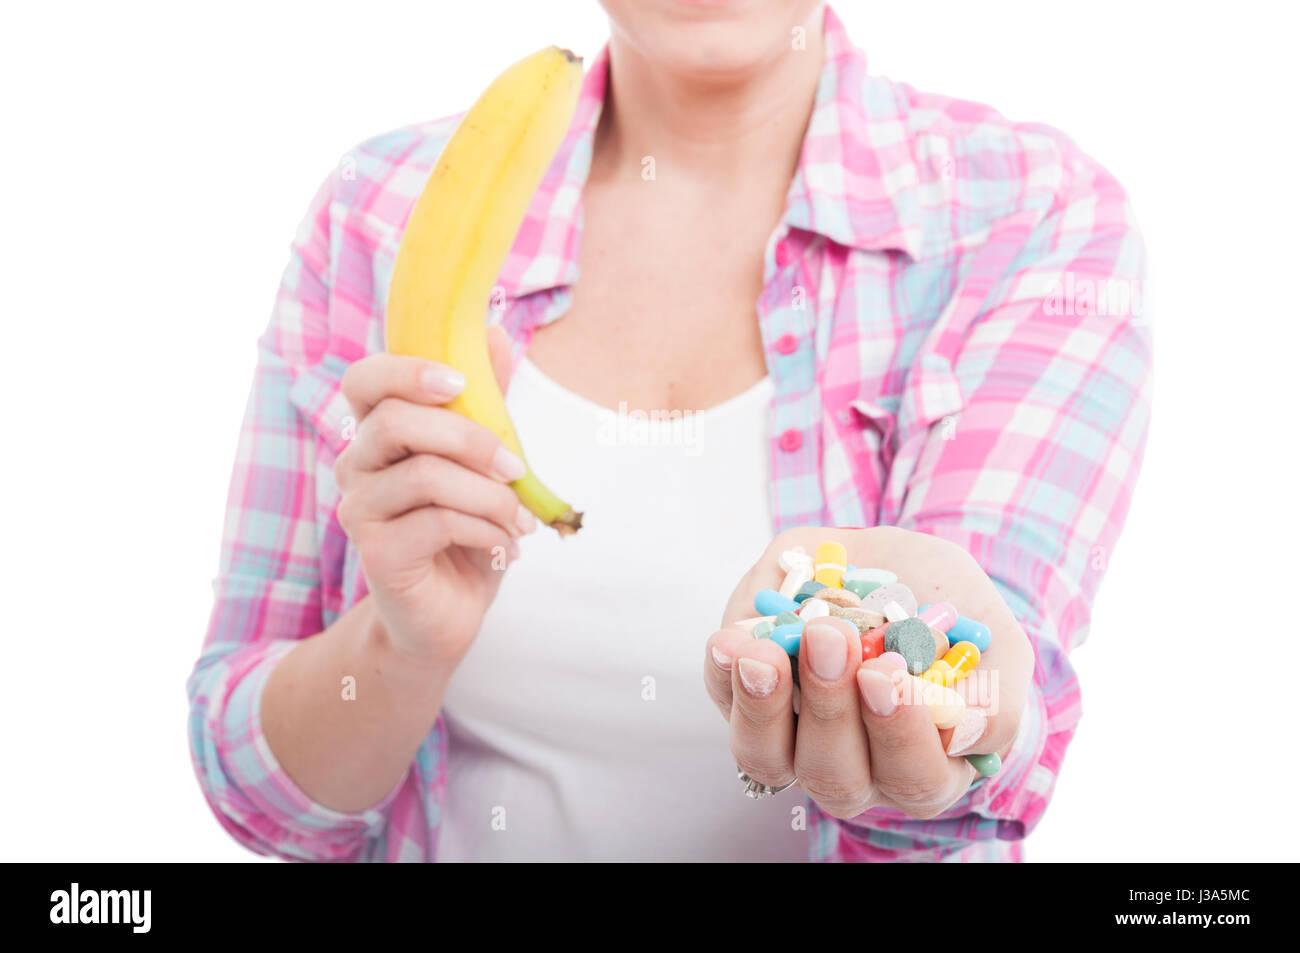 Frau mit Banane und Tablet Pillen als alternative Nährstoffe Konzept auf weißem Hintergrund Stockbild